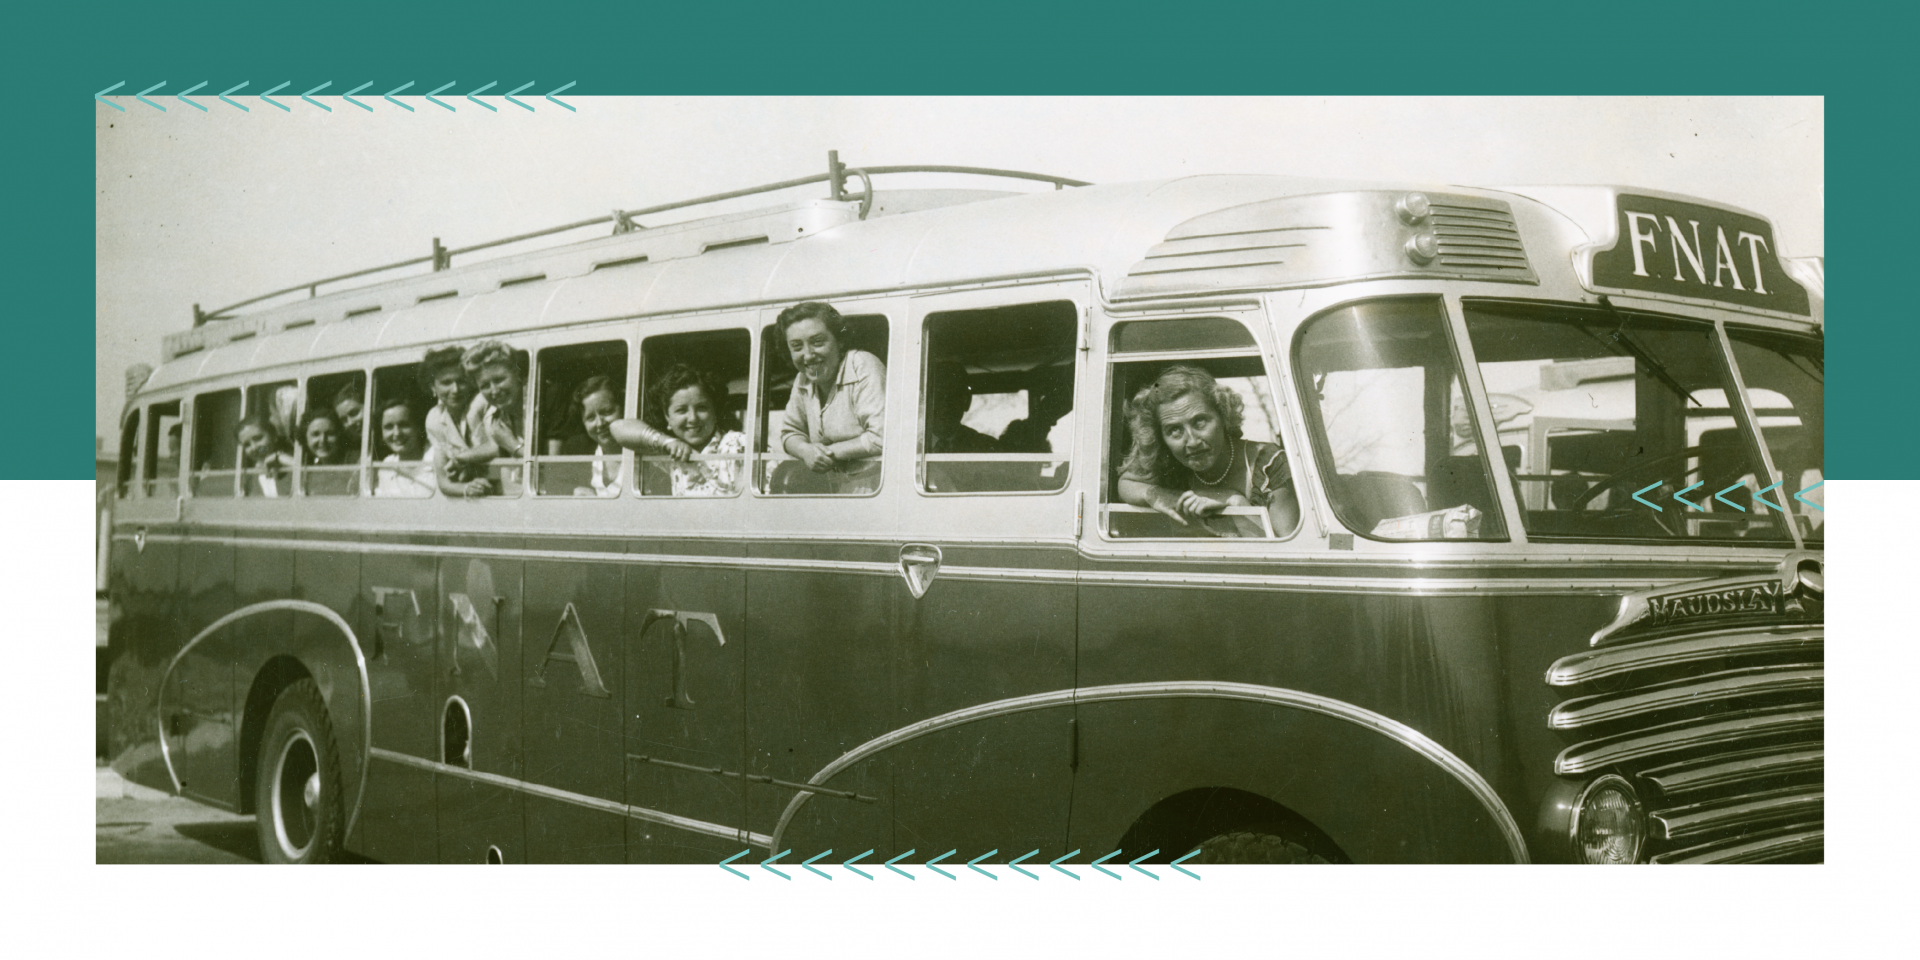 Excursionistas espanhóis em camioneta da Fundação Nacional para a Alegria no Trabalho em 1952